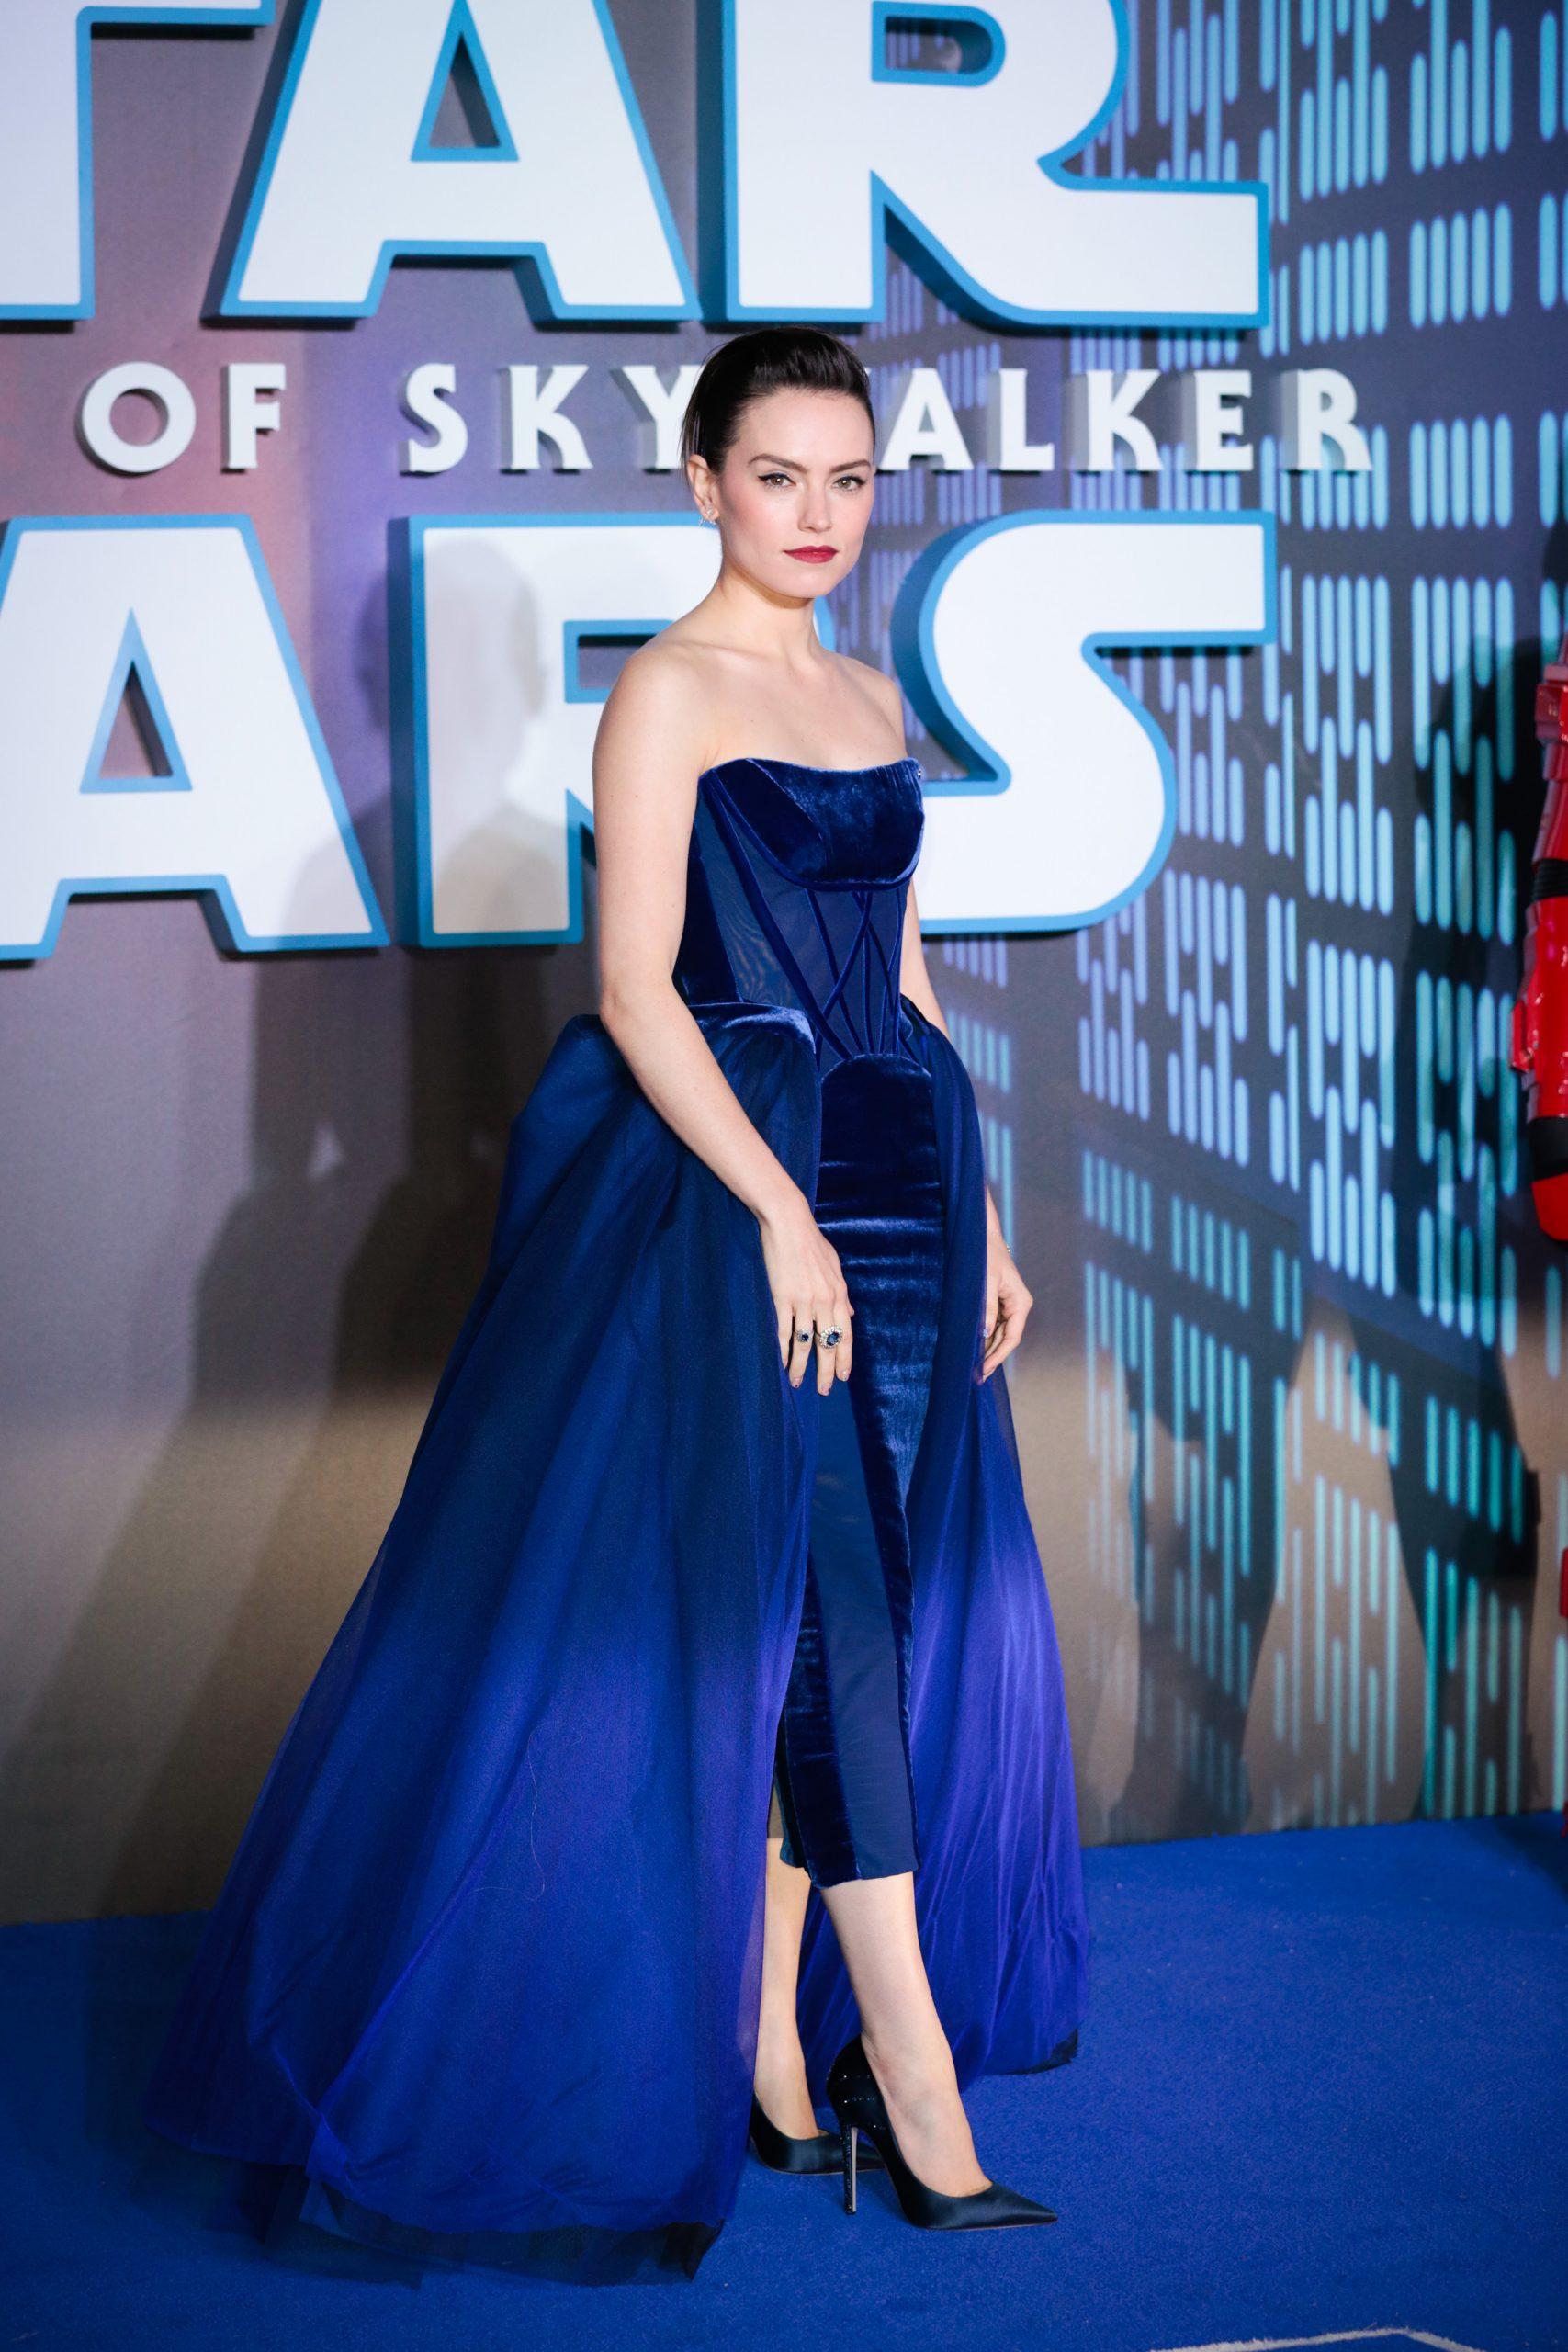 Wardrobe Breakdown: Daisy Ridley Star Wars The Rise Of Skywalker European Premiere